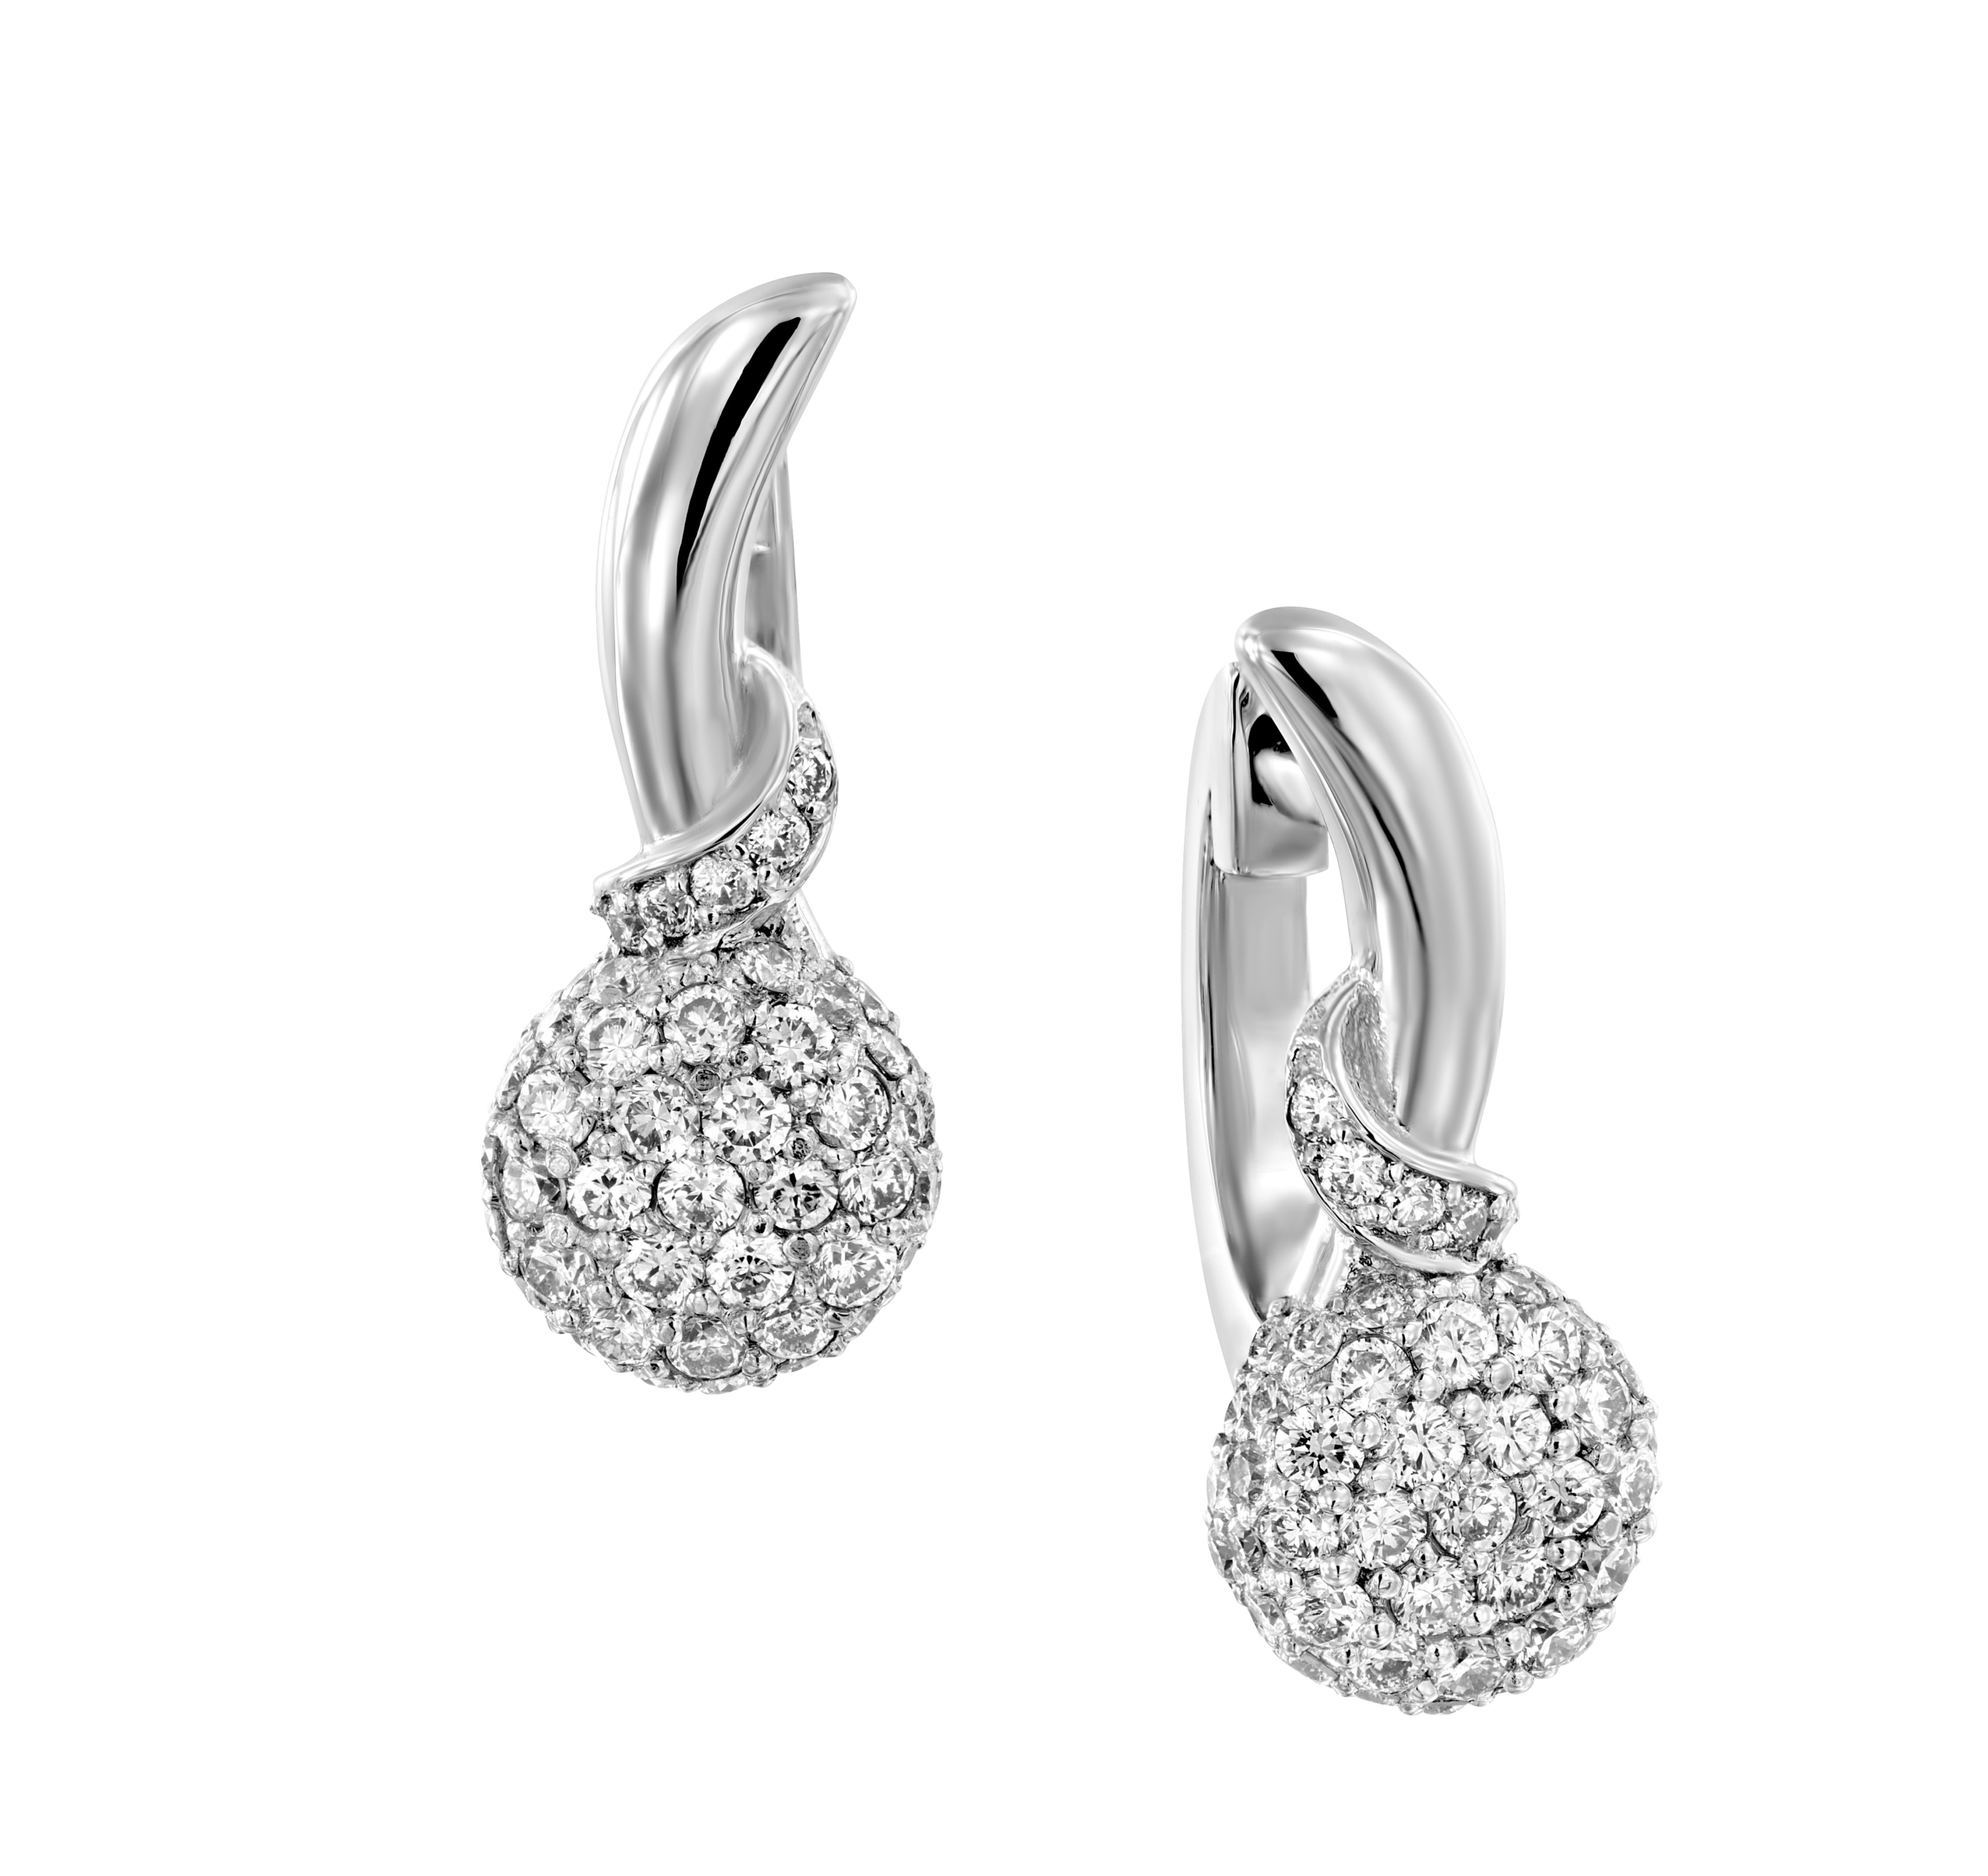 עגילי יהלומים דגם Thai ב-35% הנחה